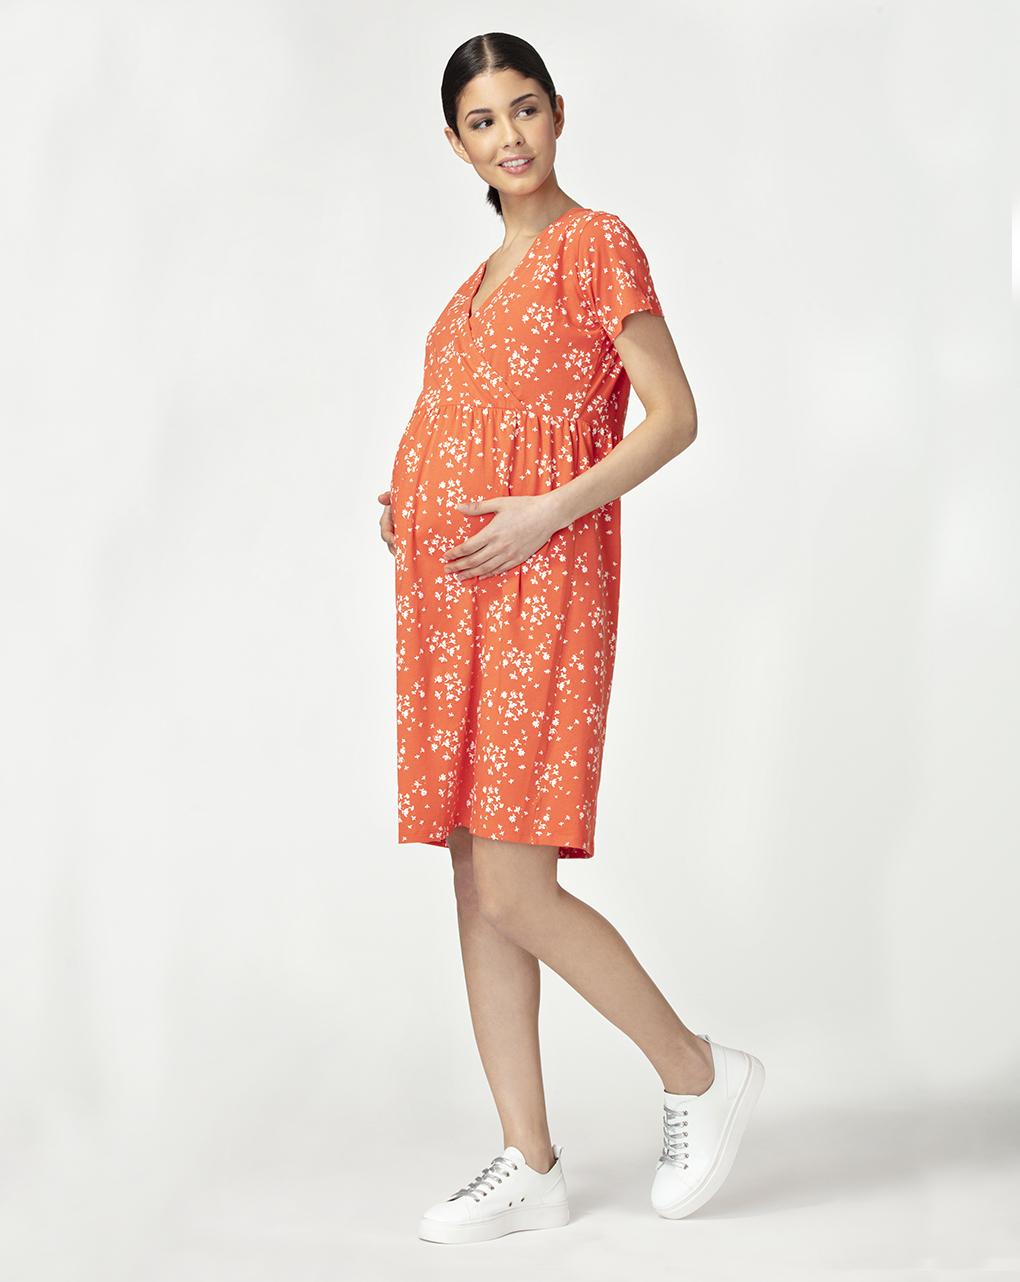 Γυναικείο Φόρεμα Θηλασμού Κοραλί με Στάμπα